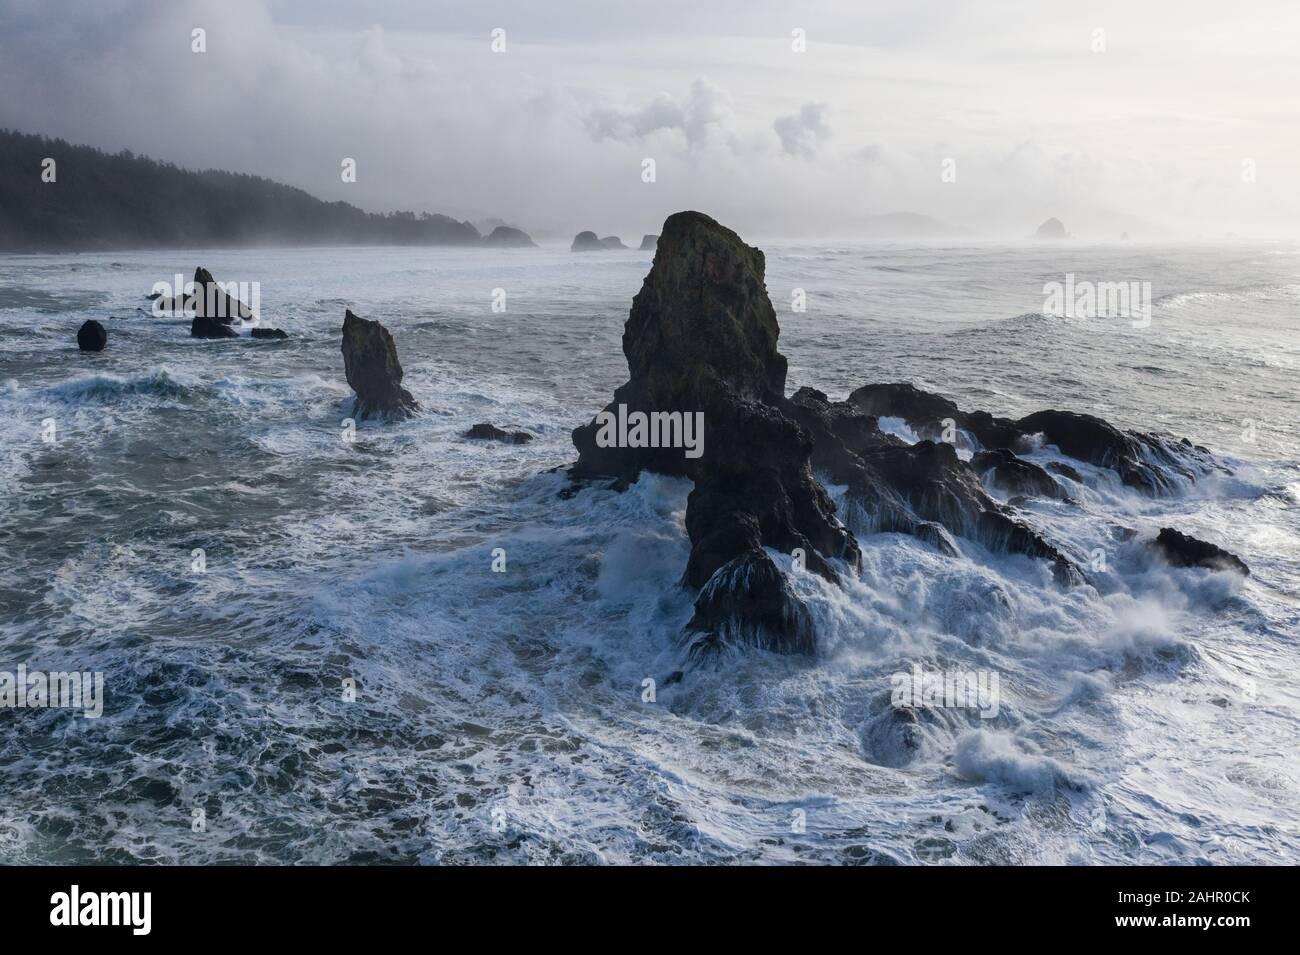 El Océano Pacífico se estrelle contra las rocas de la costa del norte de Oregon. Esta región salvaje, justo al oeste de Portland, es a menudo cubierto por nubes oscuras. Foto de stock